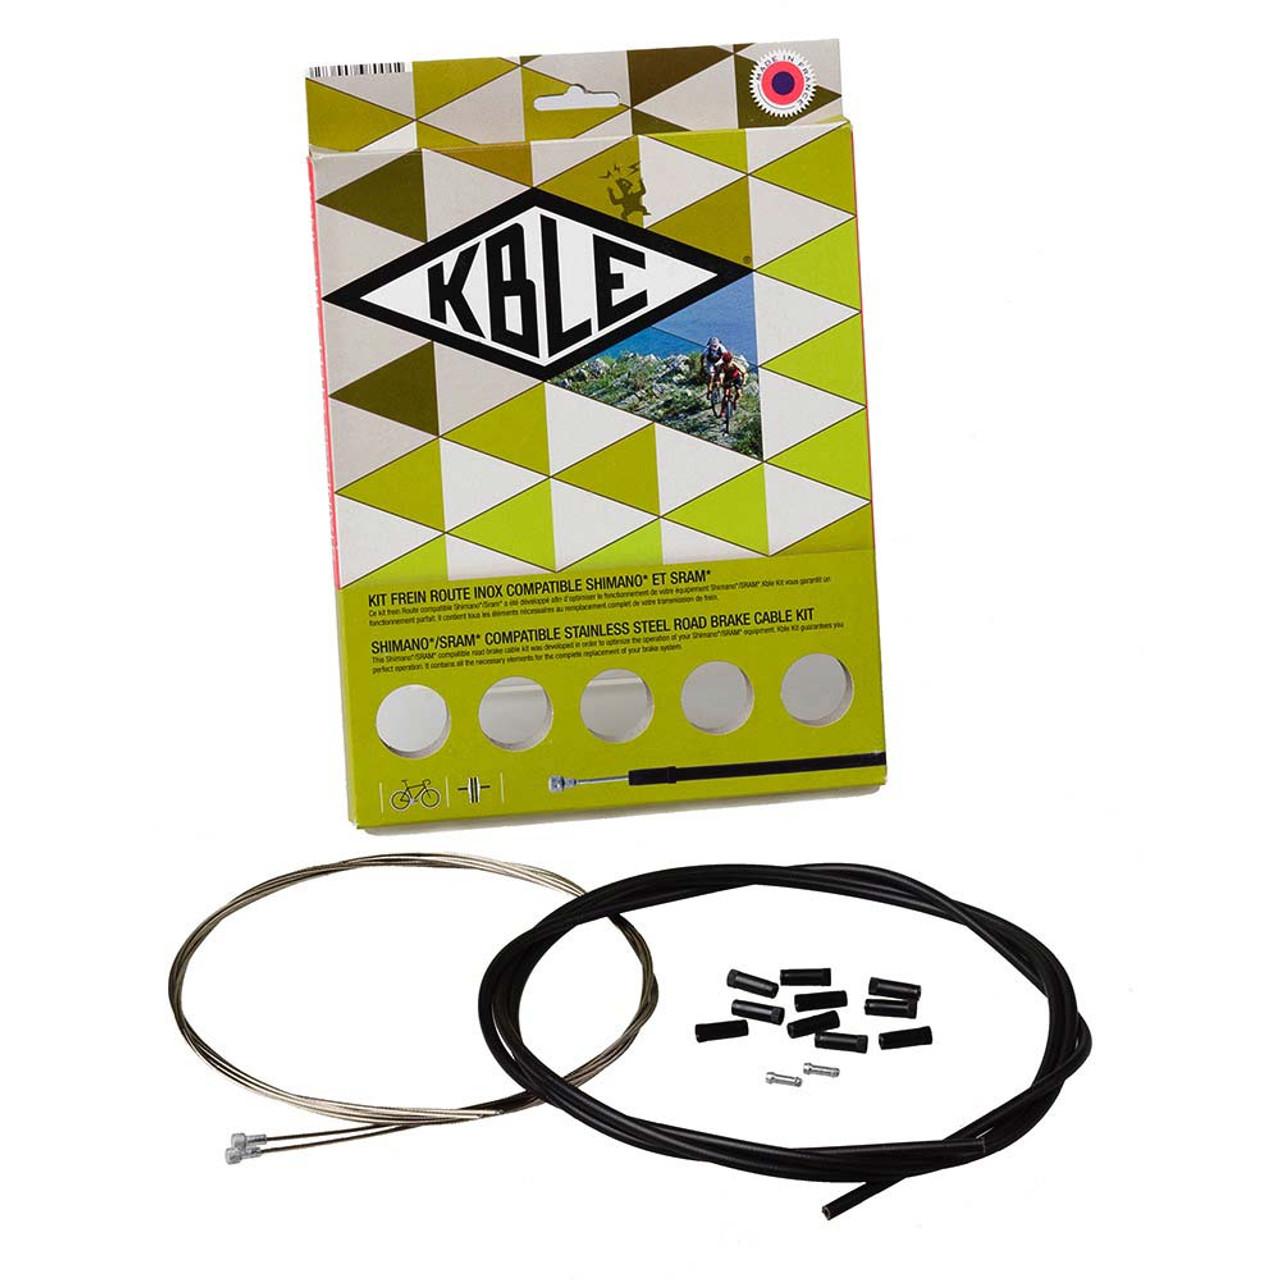 Transfil KBLE Shimano / Sram No 1 Road Brake Cable Set